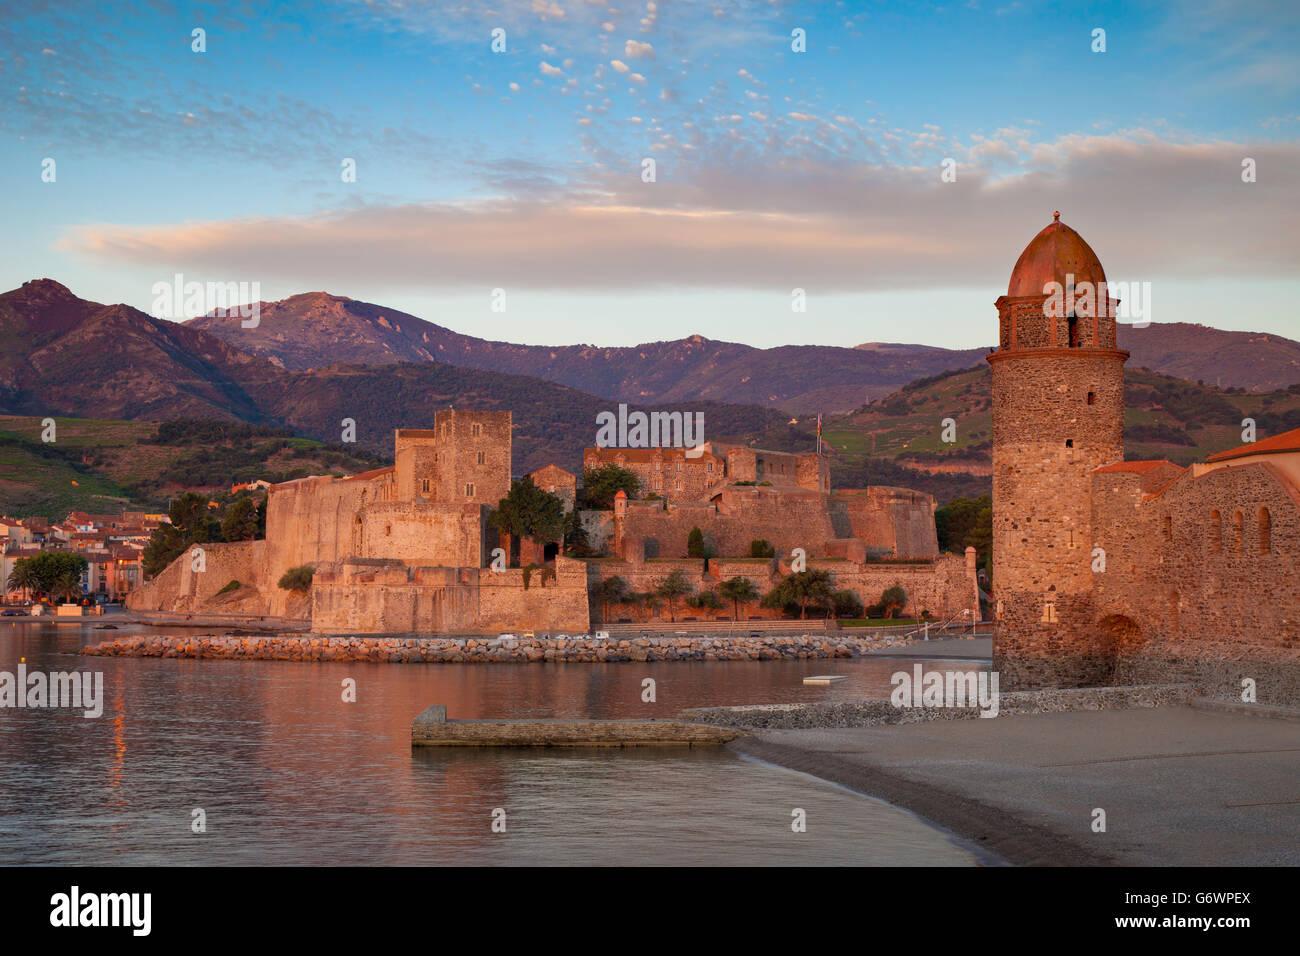 Première lumière de l'aube dans la ville de Collioure, Pyrénées-Orientales, Languedoc-Roussillon, Photo Stock